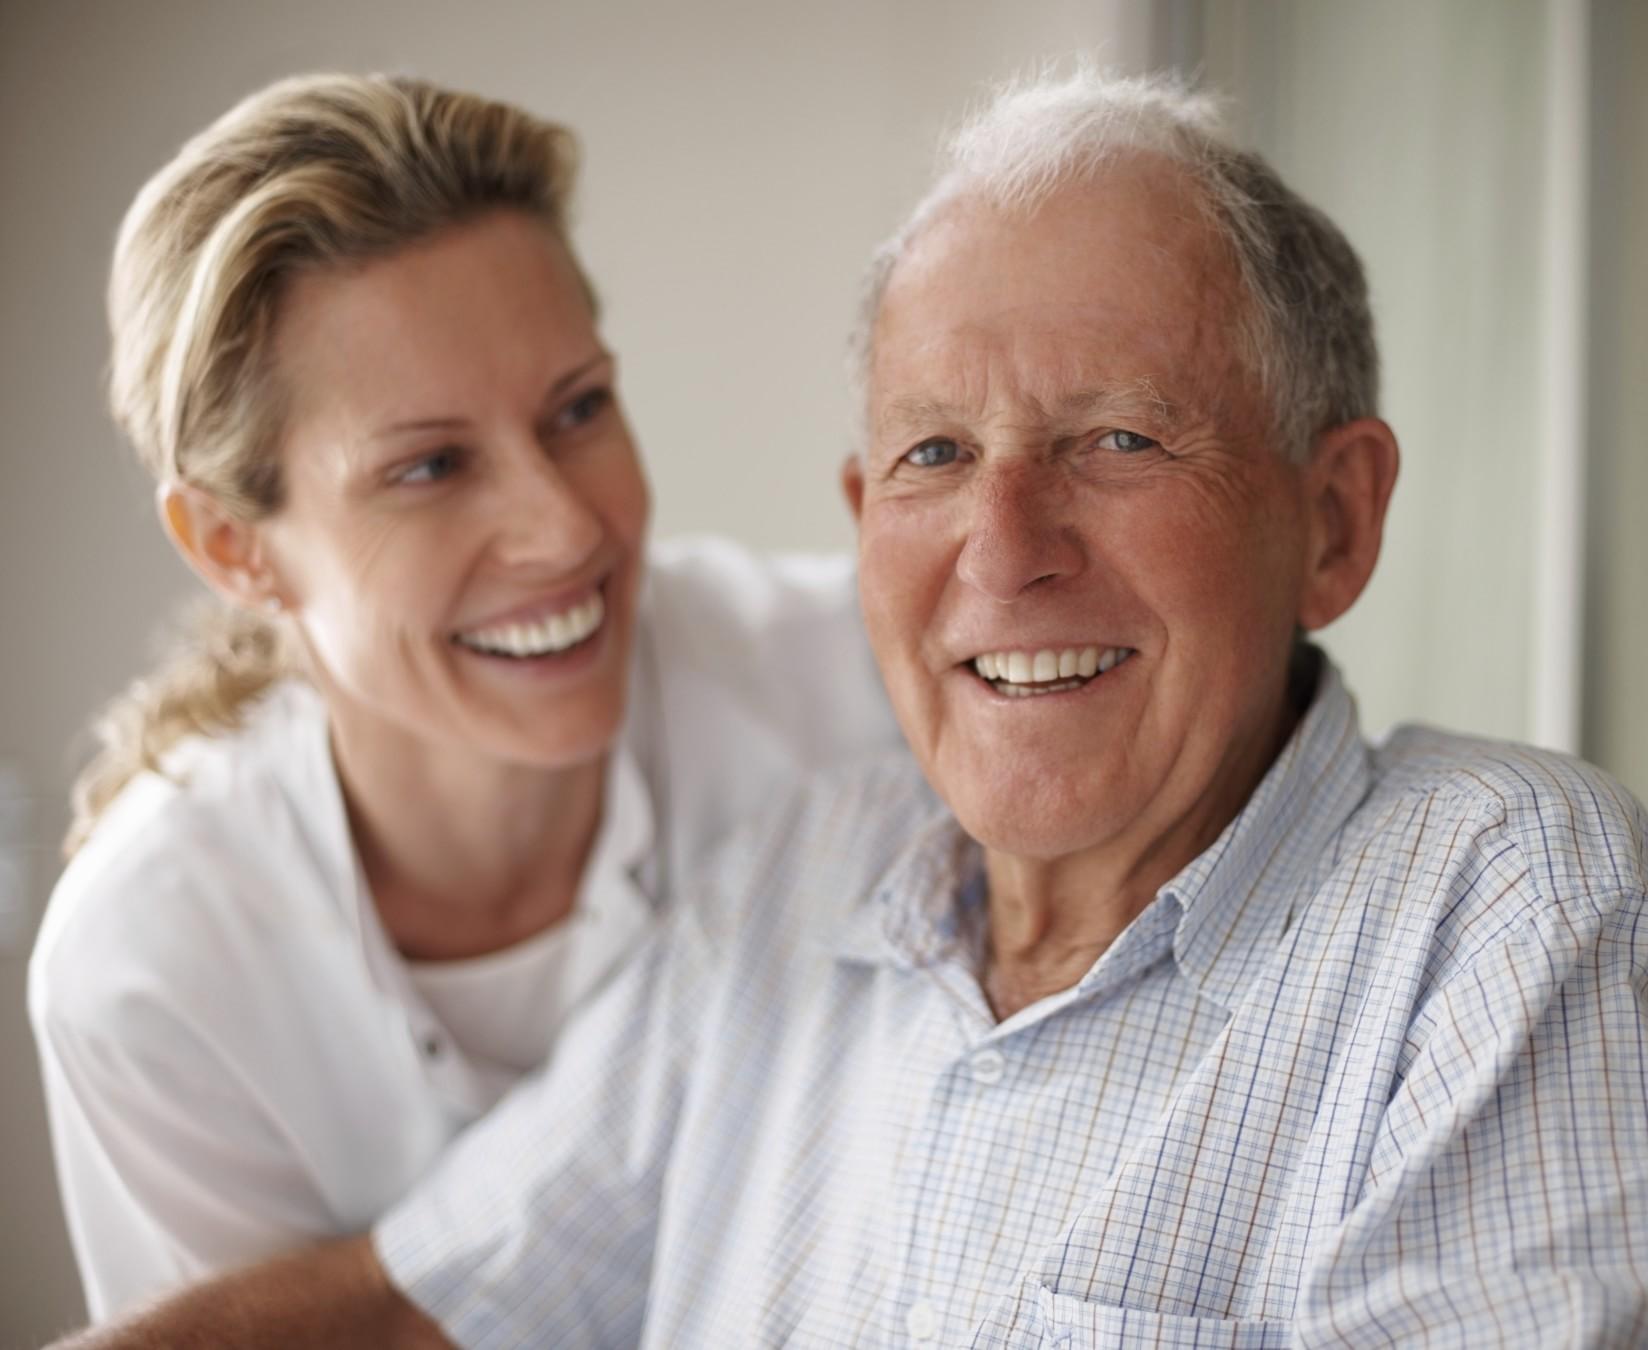 El cuidado de nuestros mayores